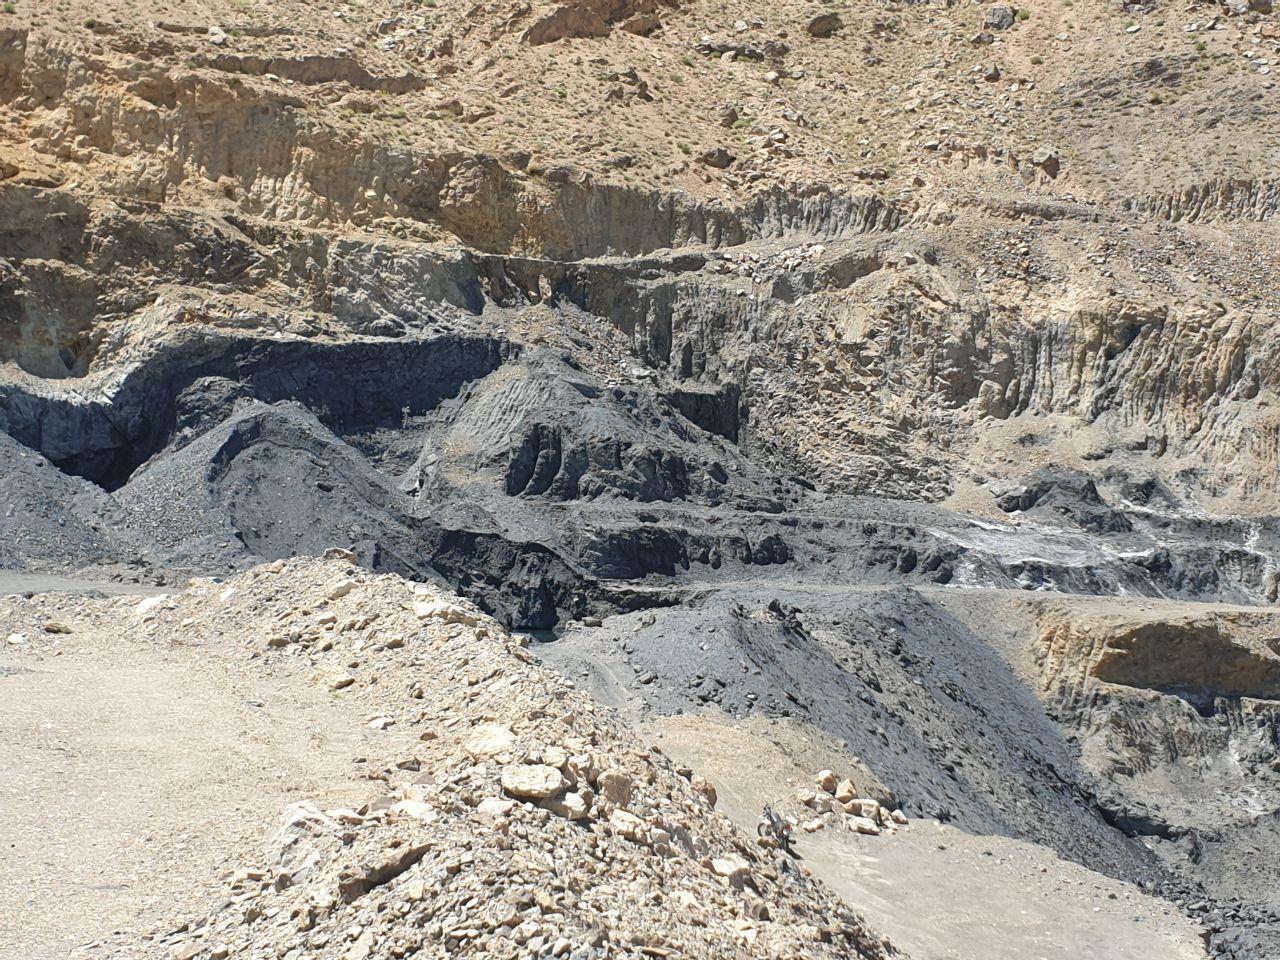 پویا زرکان آق دره از کشف یک معدن خبر داد